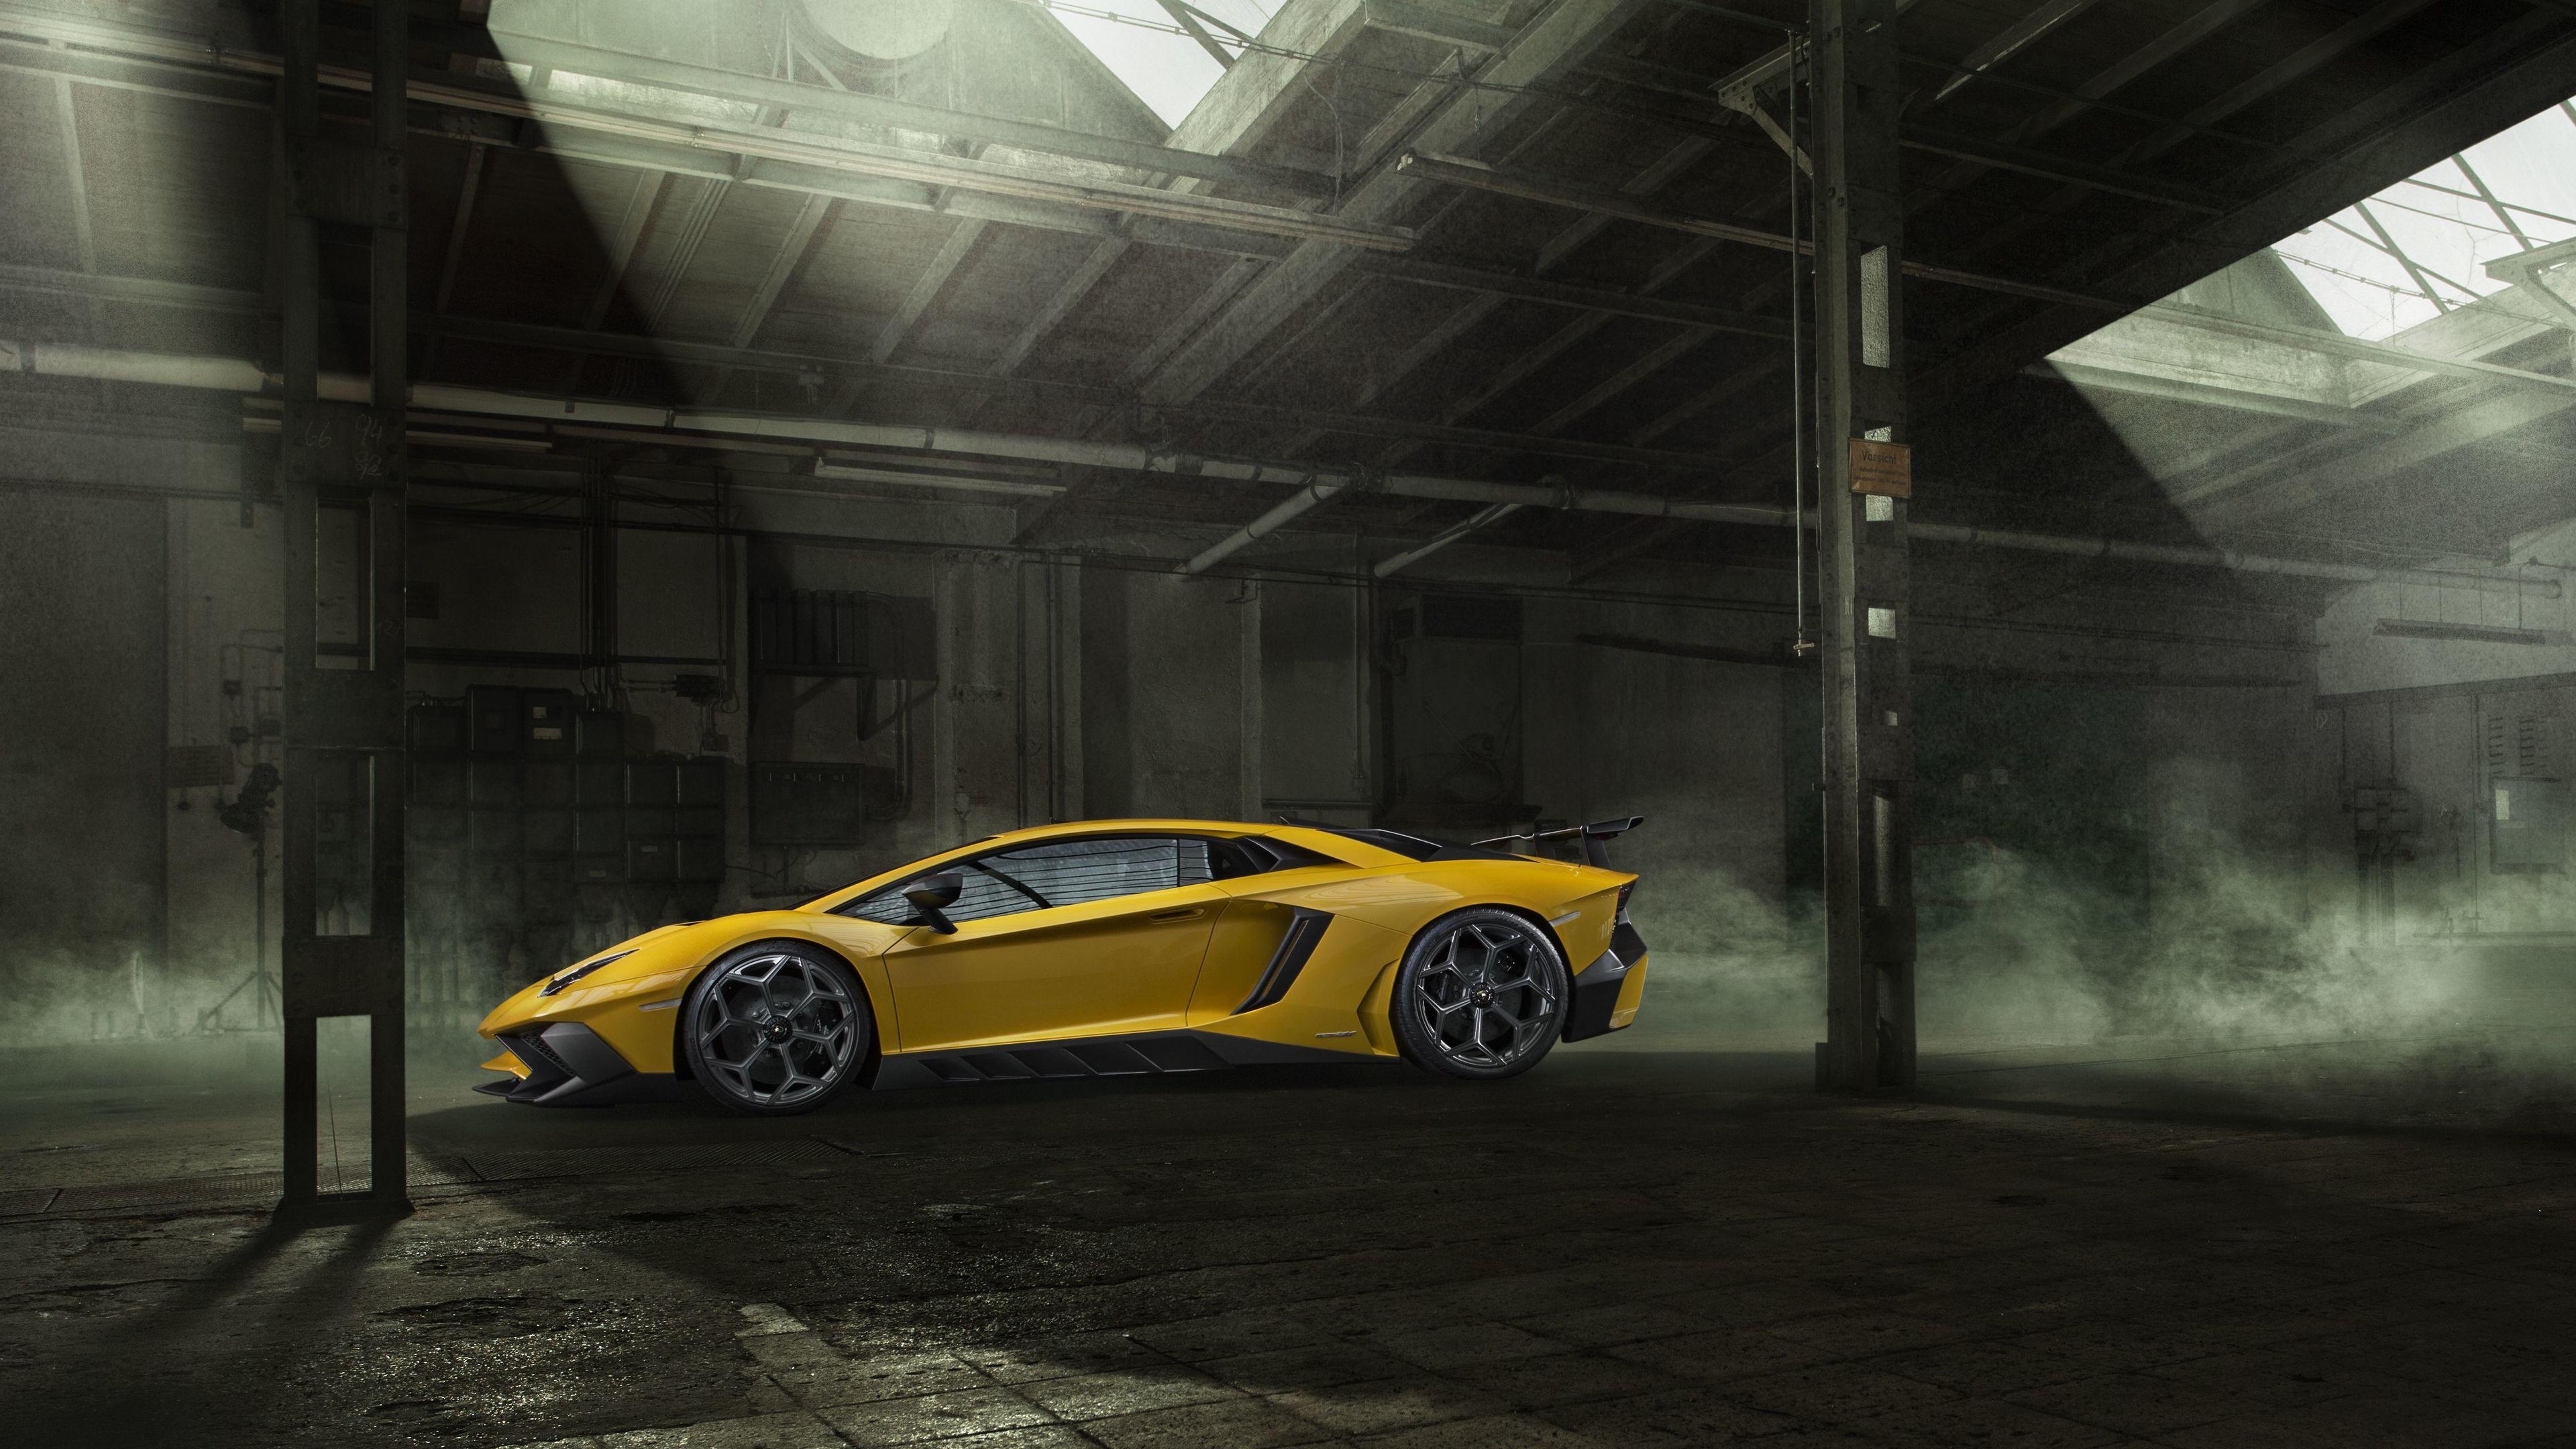 novitec lamborghini aventador sv powerkit 1539112149 - Novitec Lamborghini Aventador SV Powerkit - lamborghini wallpapers, lamborghini aventador wallpapers, hd-wallpapers, cars wallpapers, 4k-wallpapers